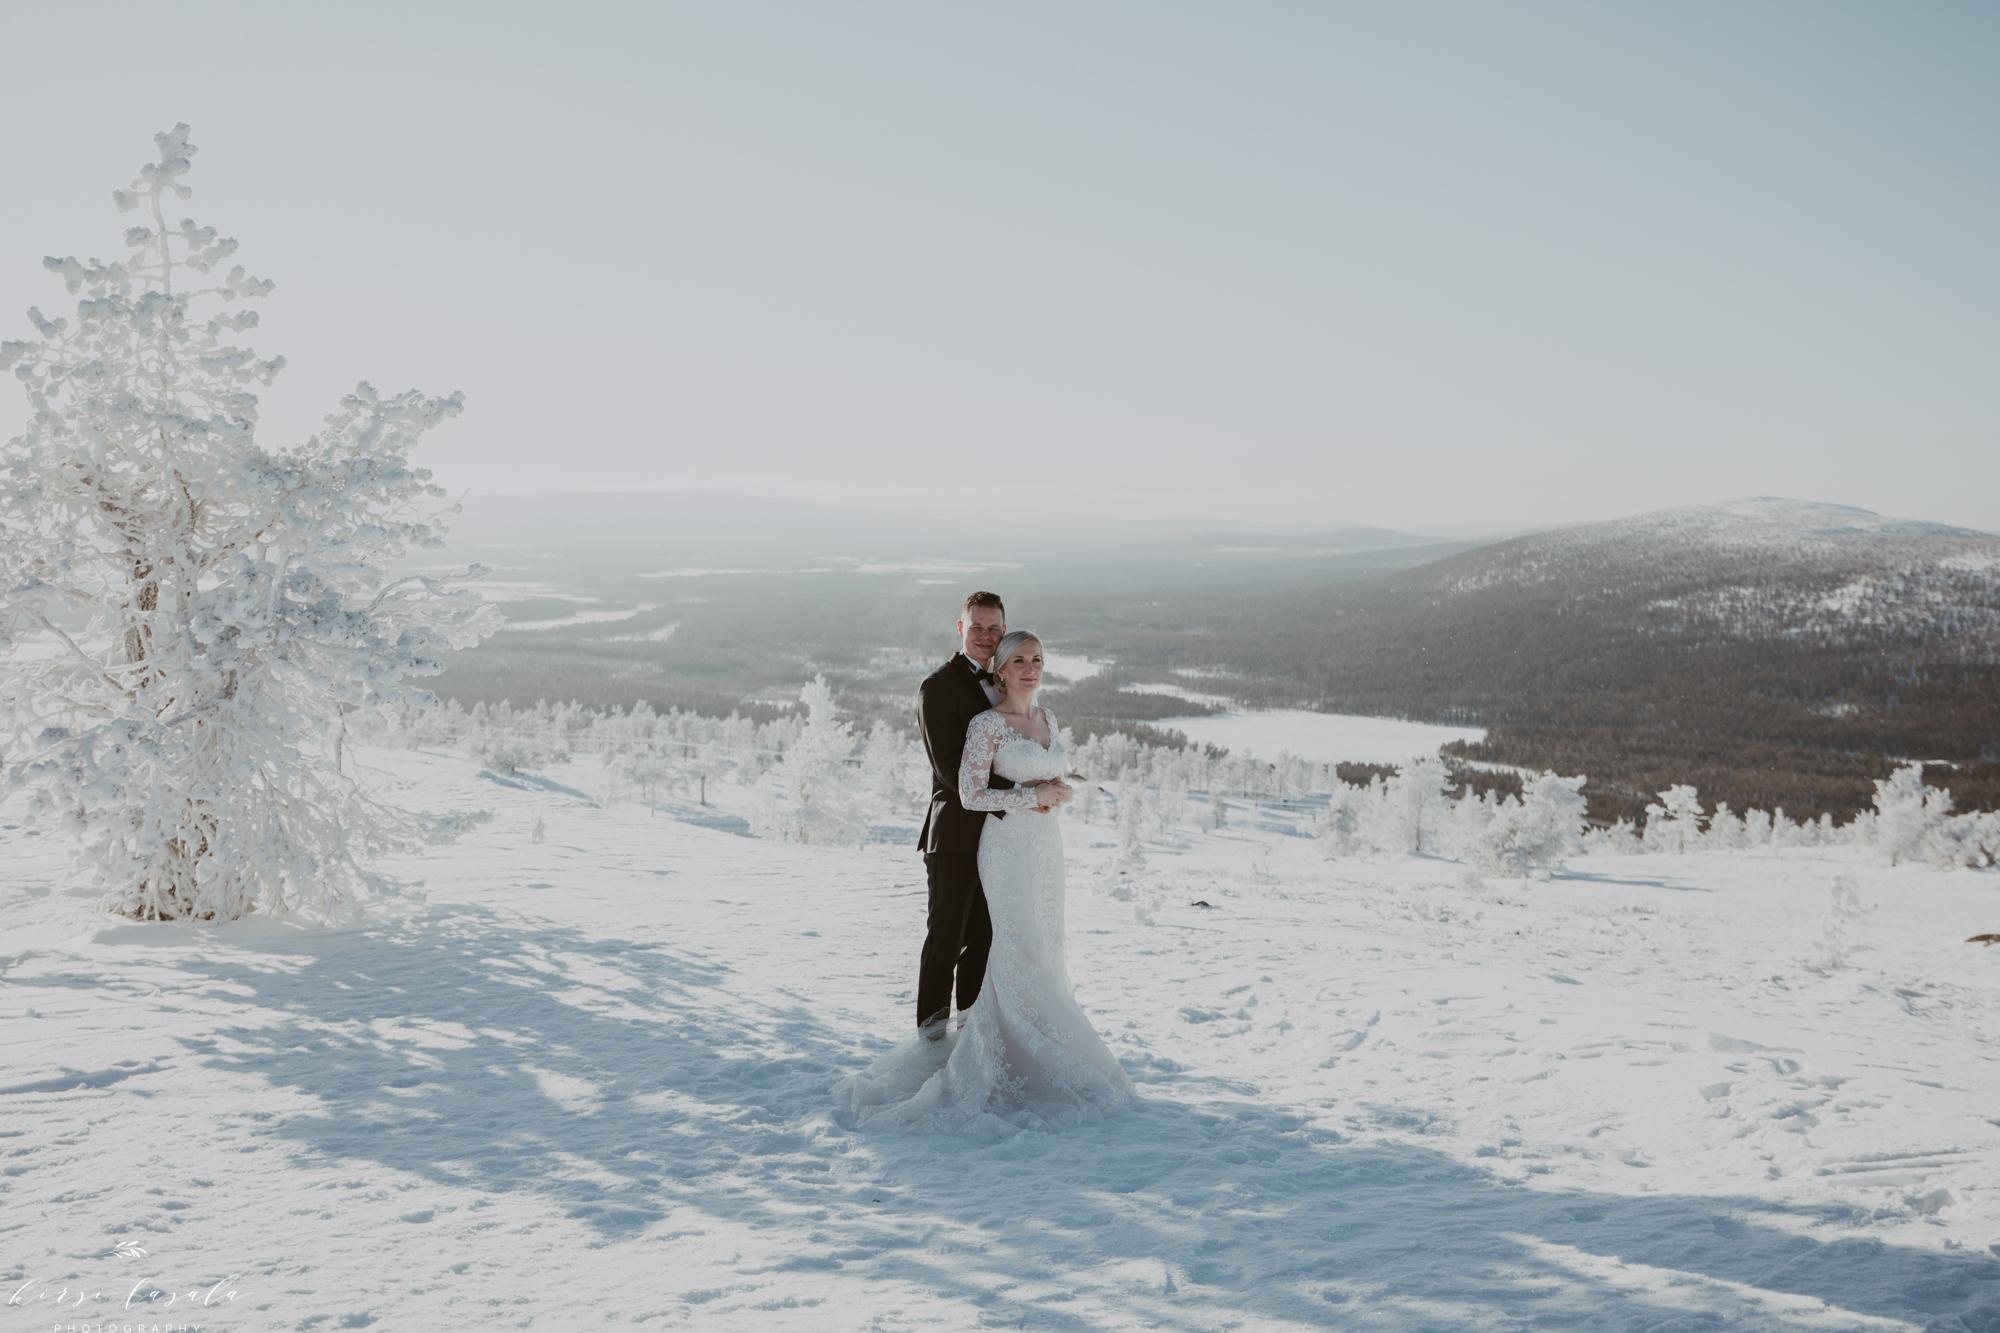 Ilona&Jukka-226.jpg